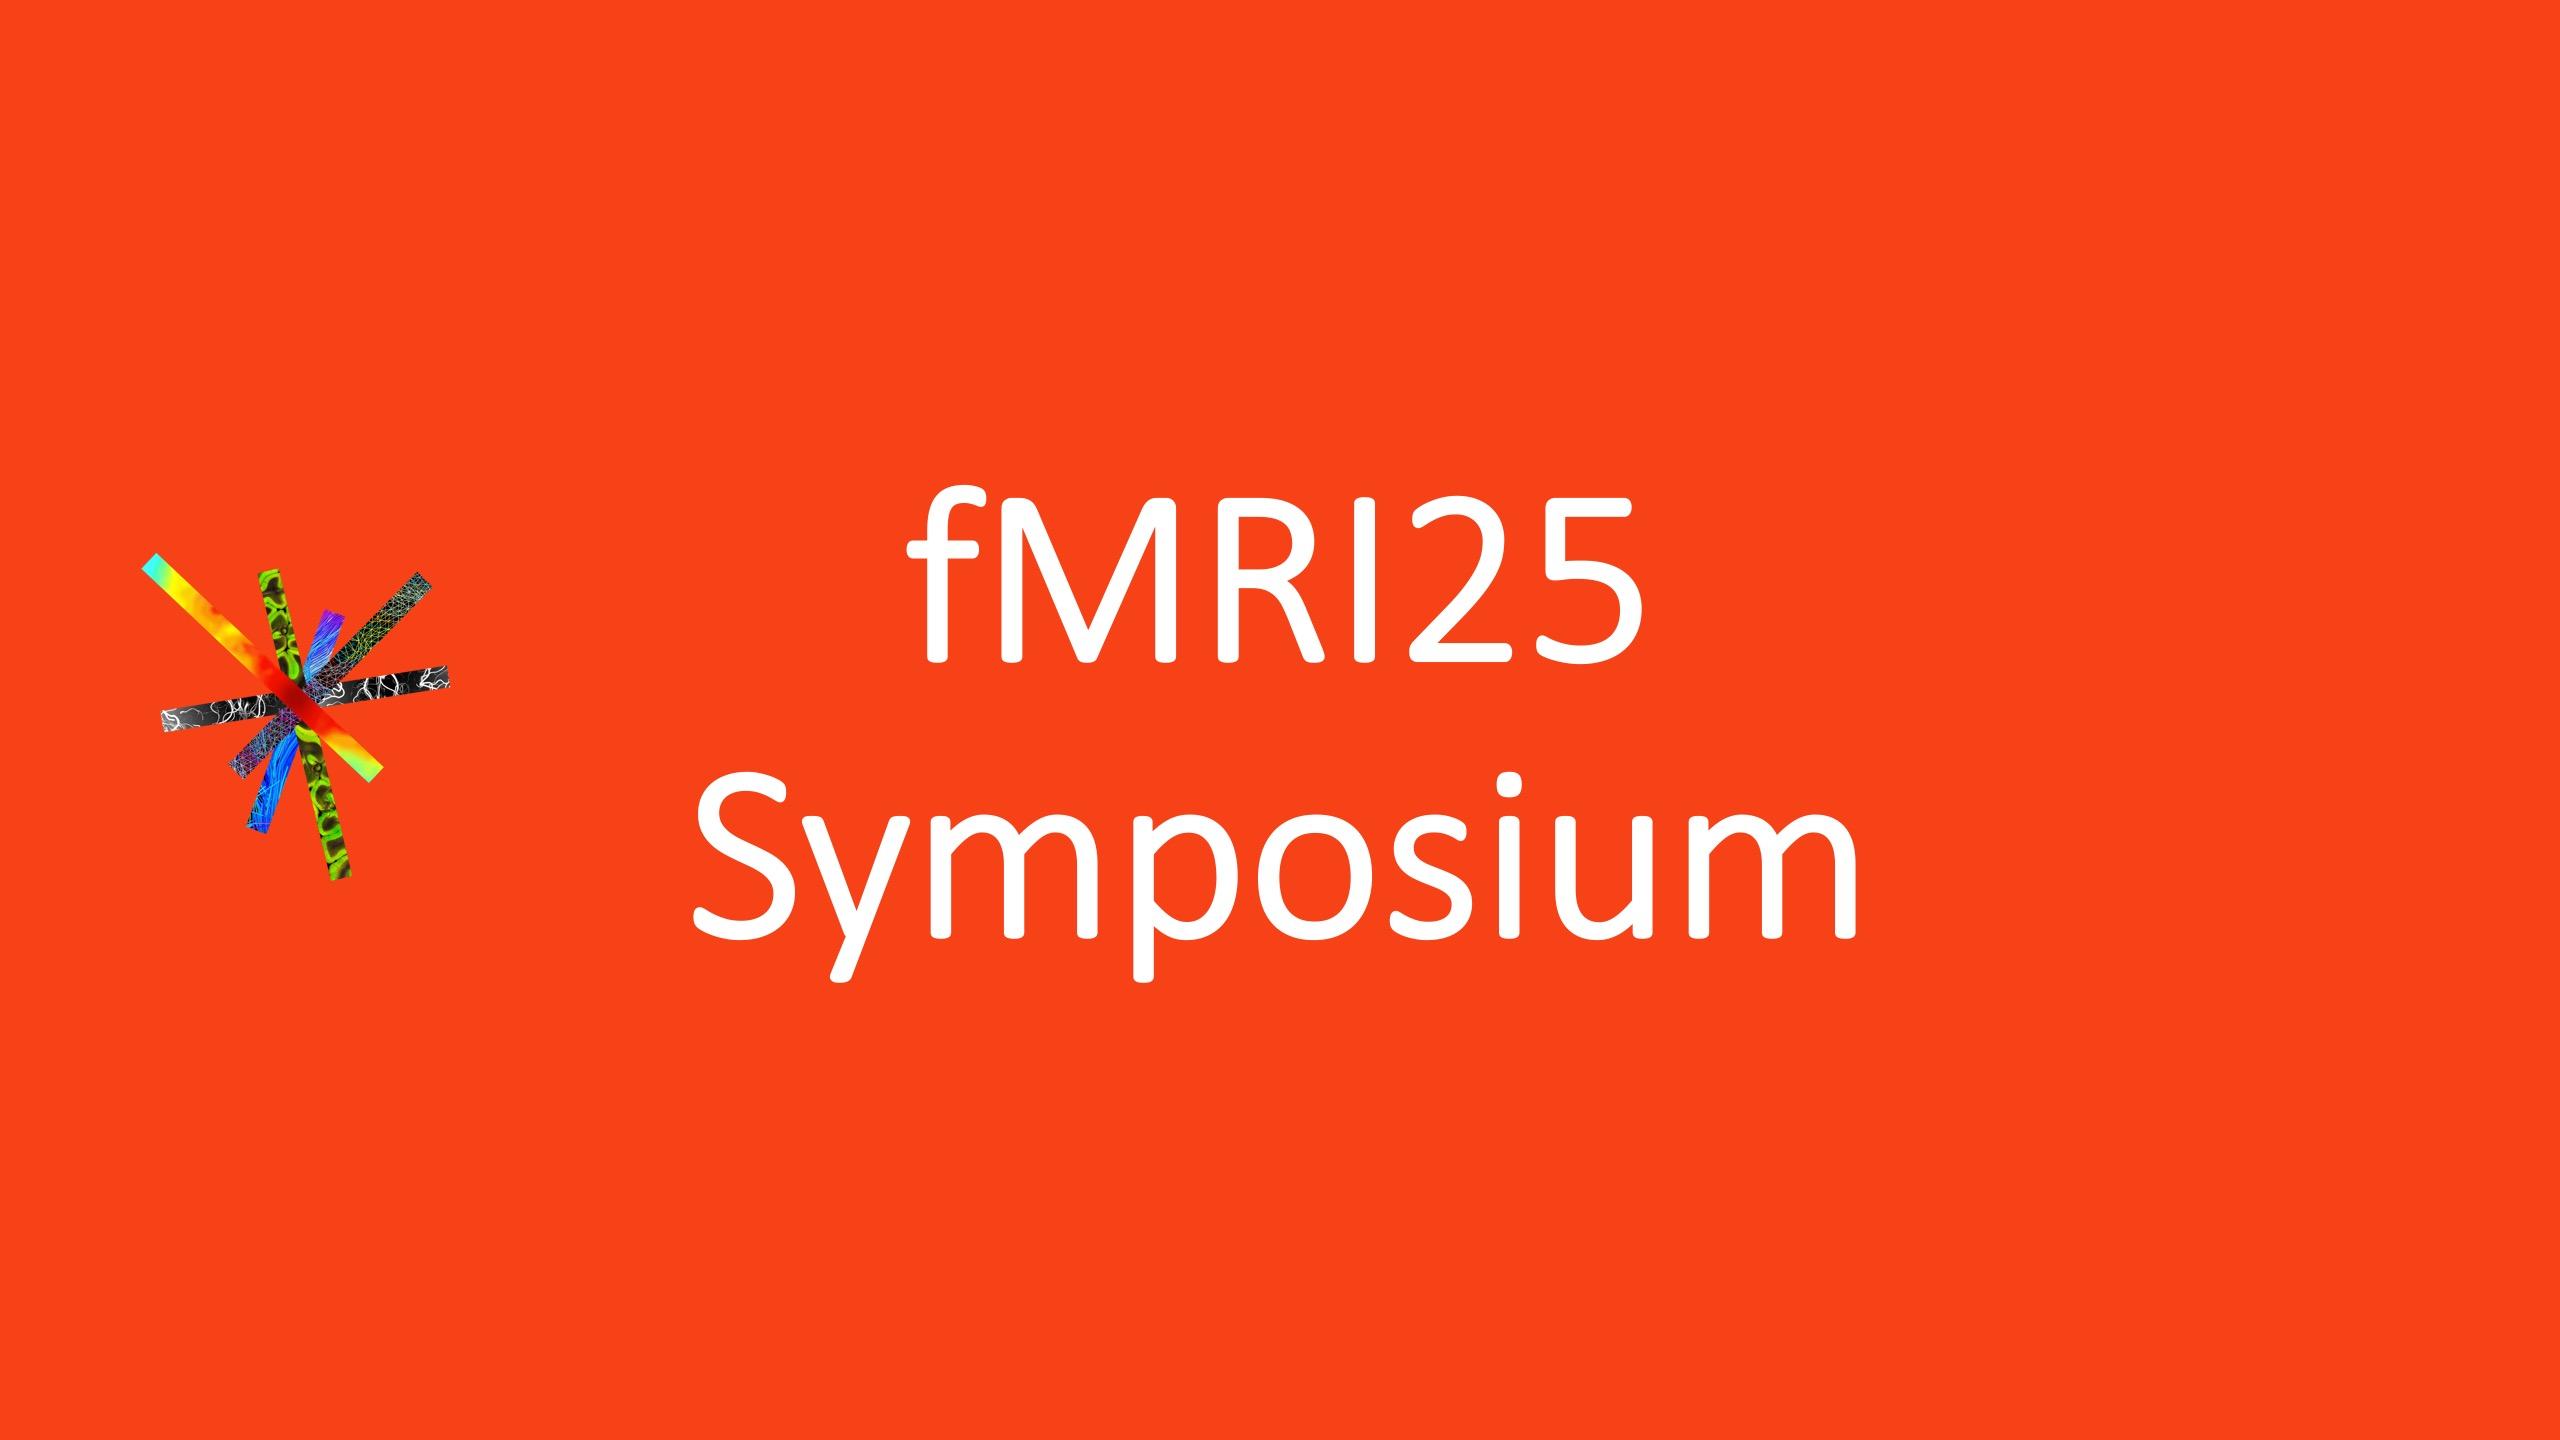 fMRI25 Symposium